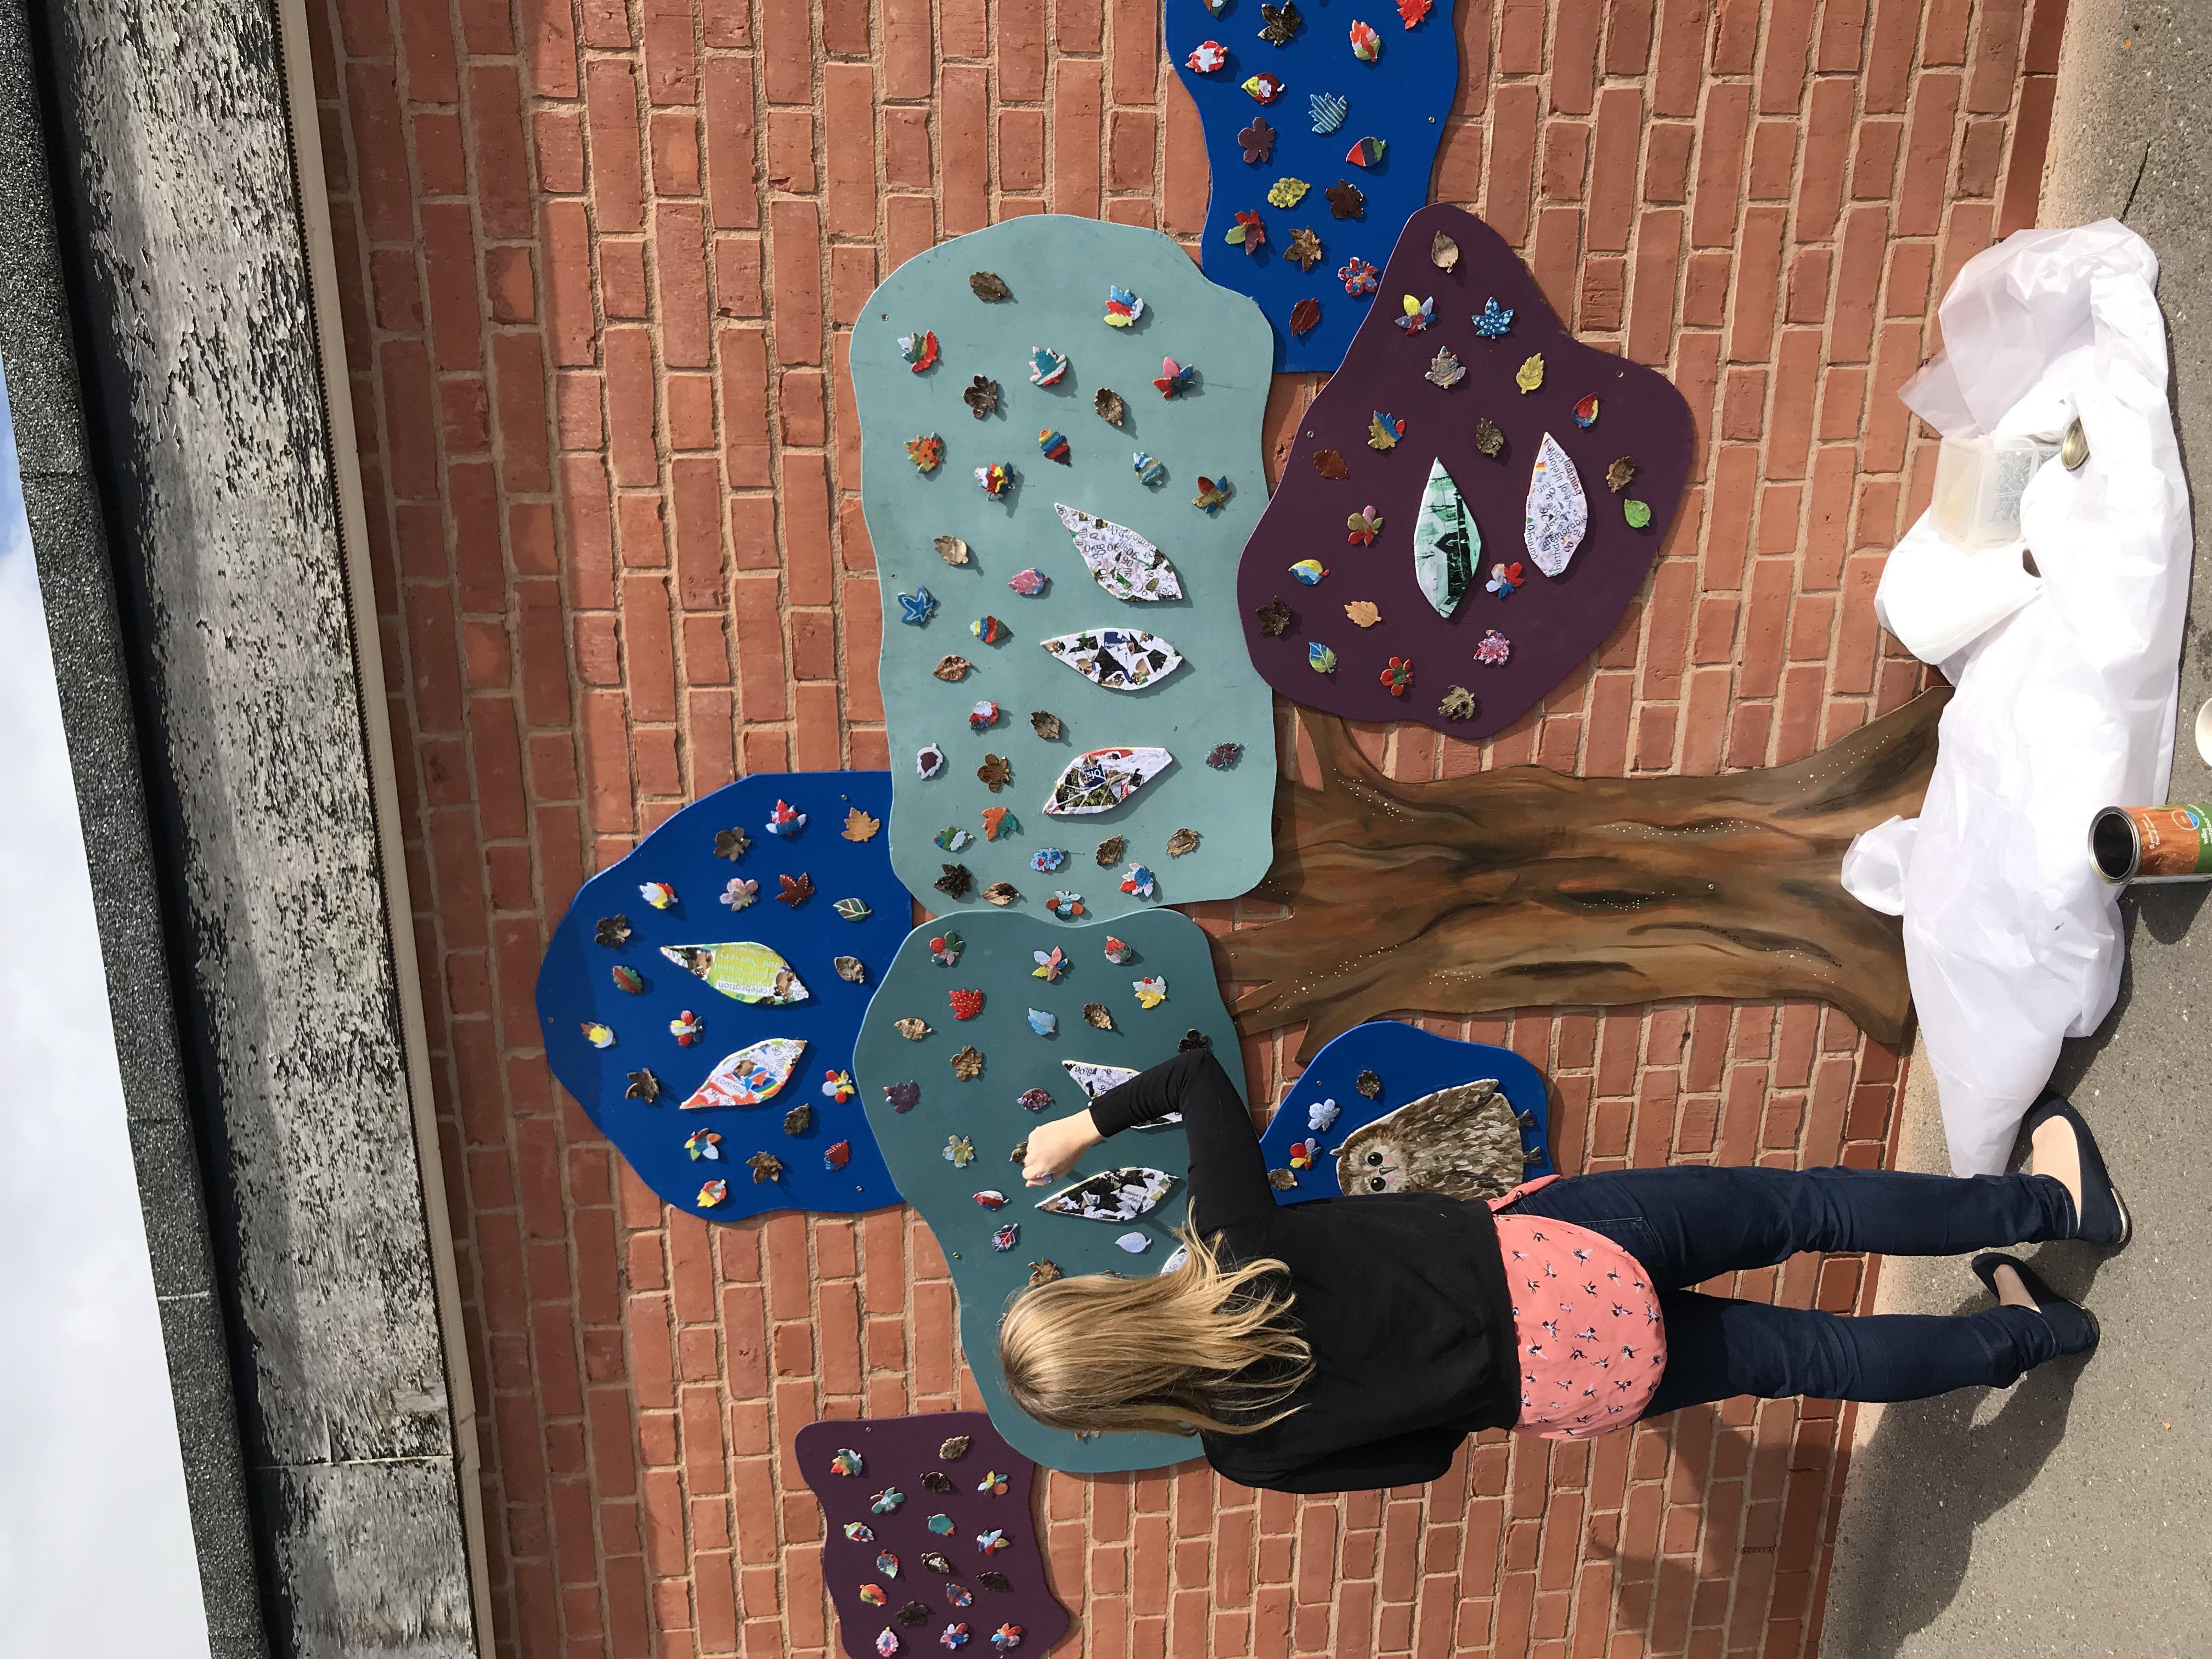 Dunchurch mural